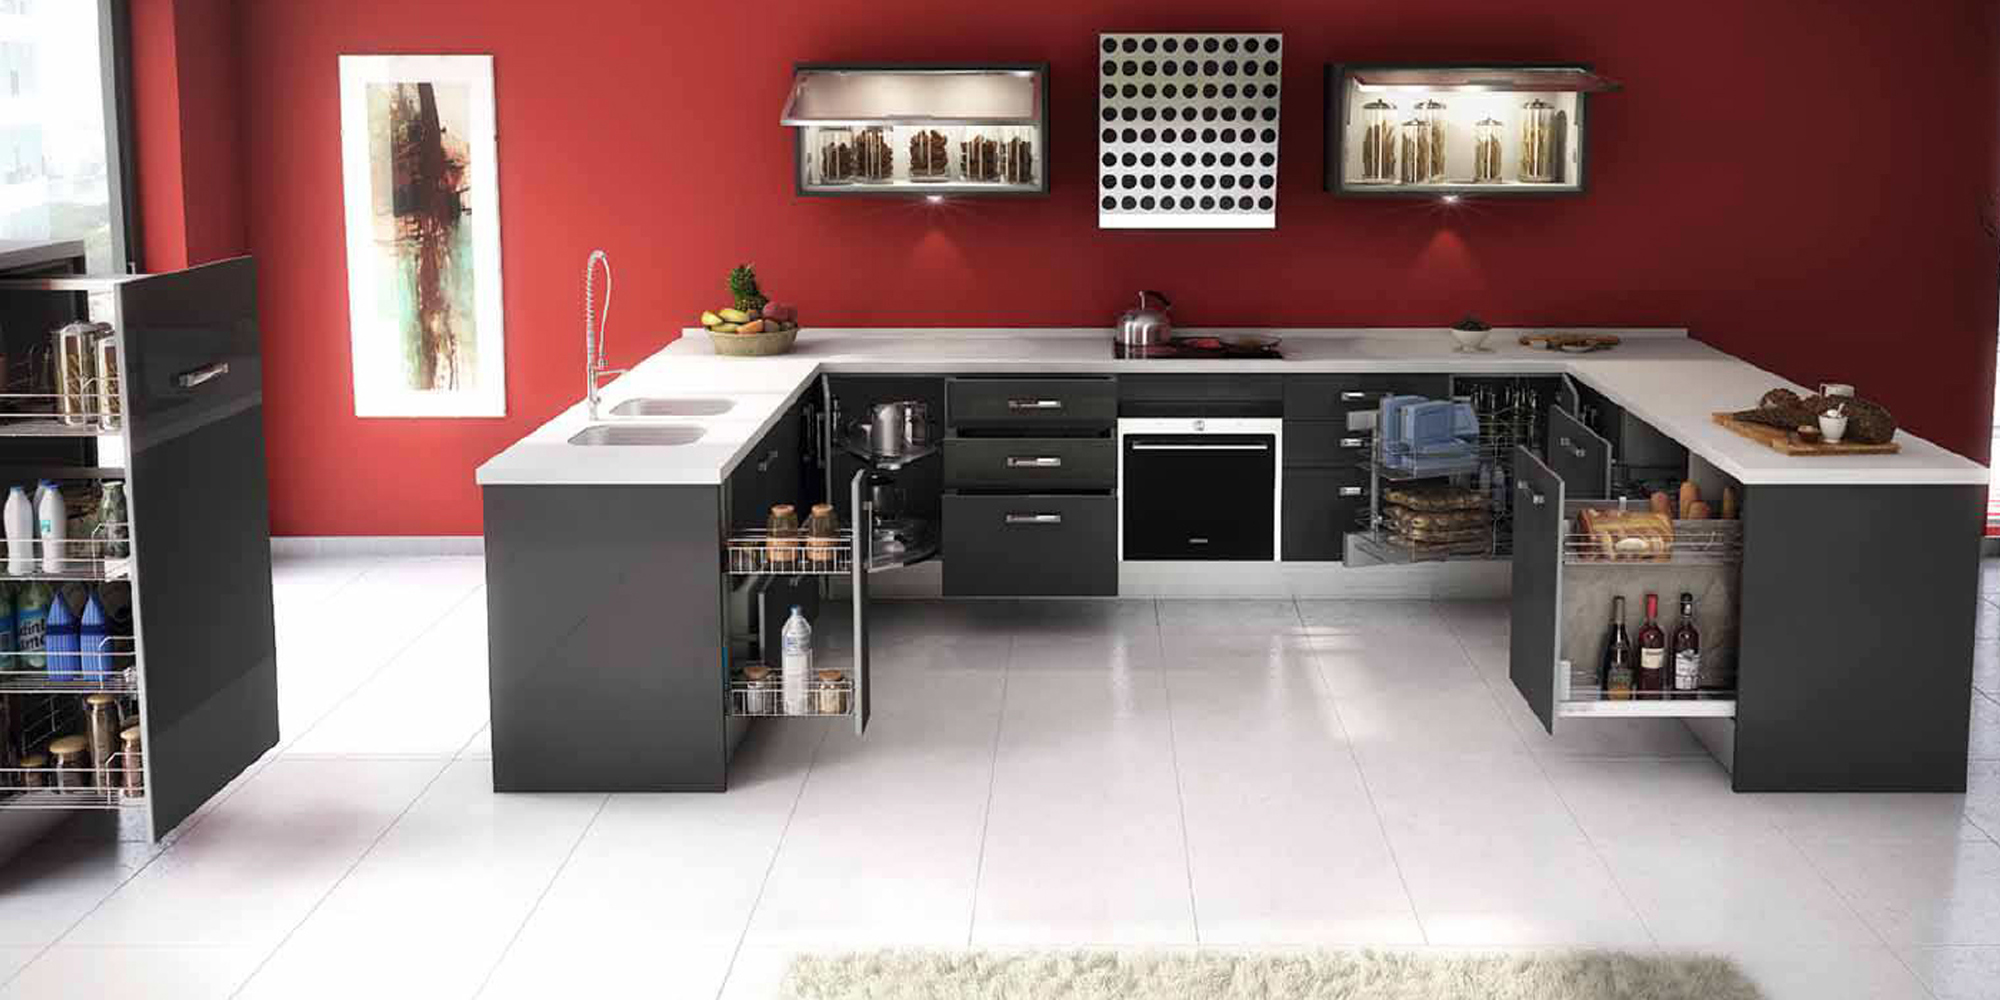 Reformar la cocina: tipos de módulos y muebles de cocina - softly.es